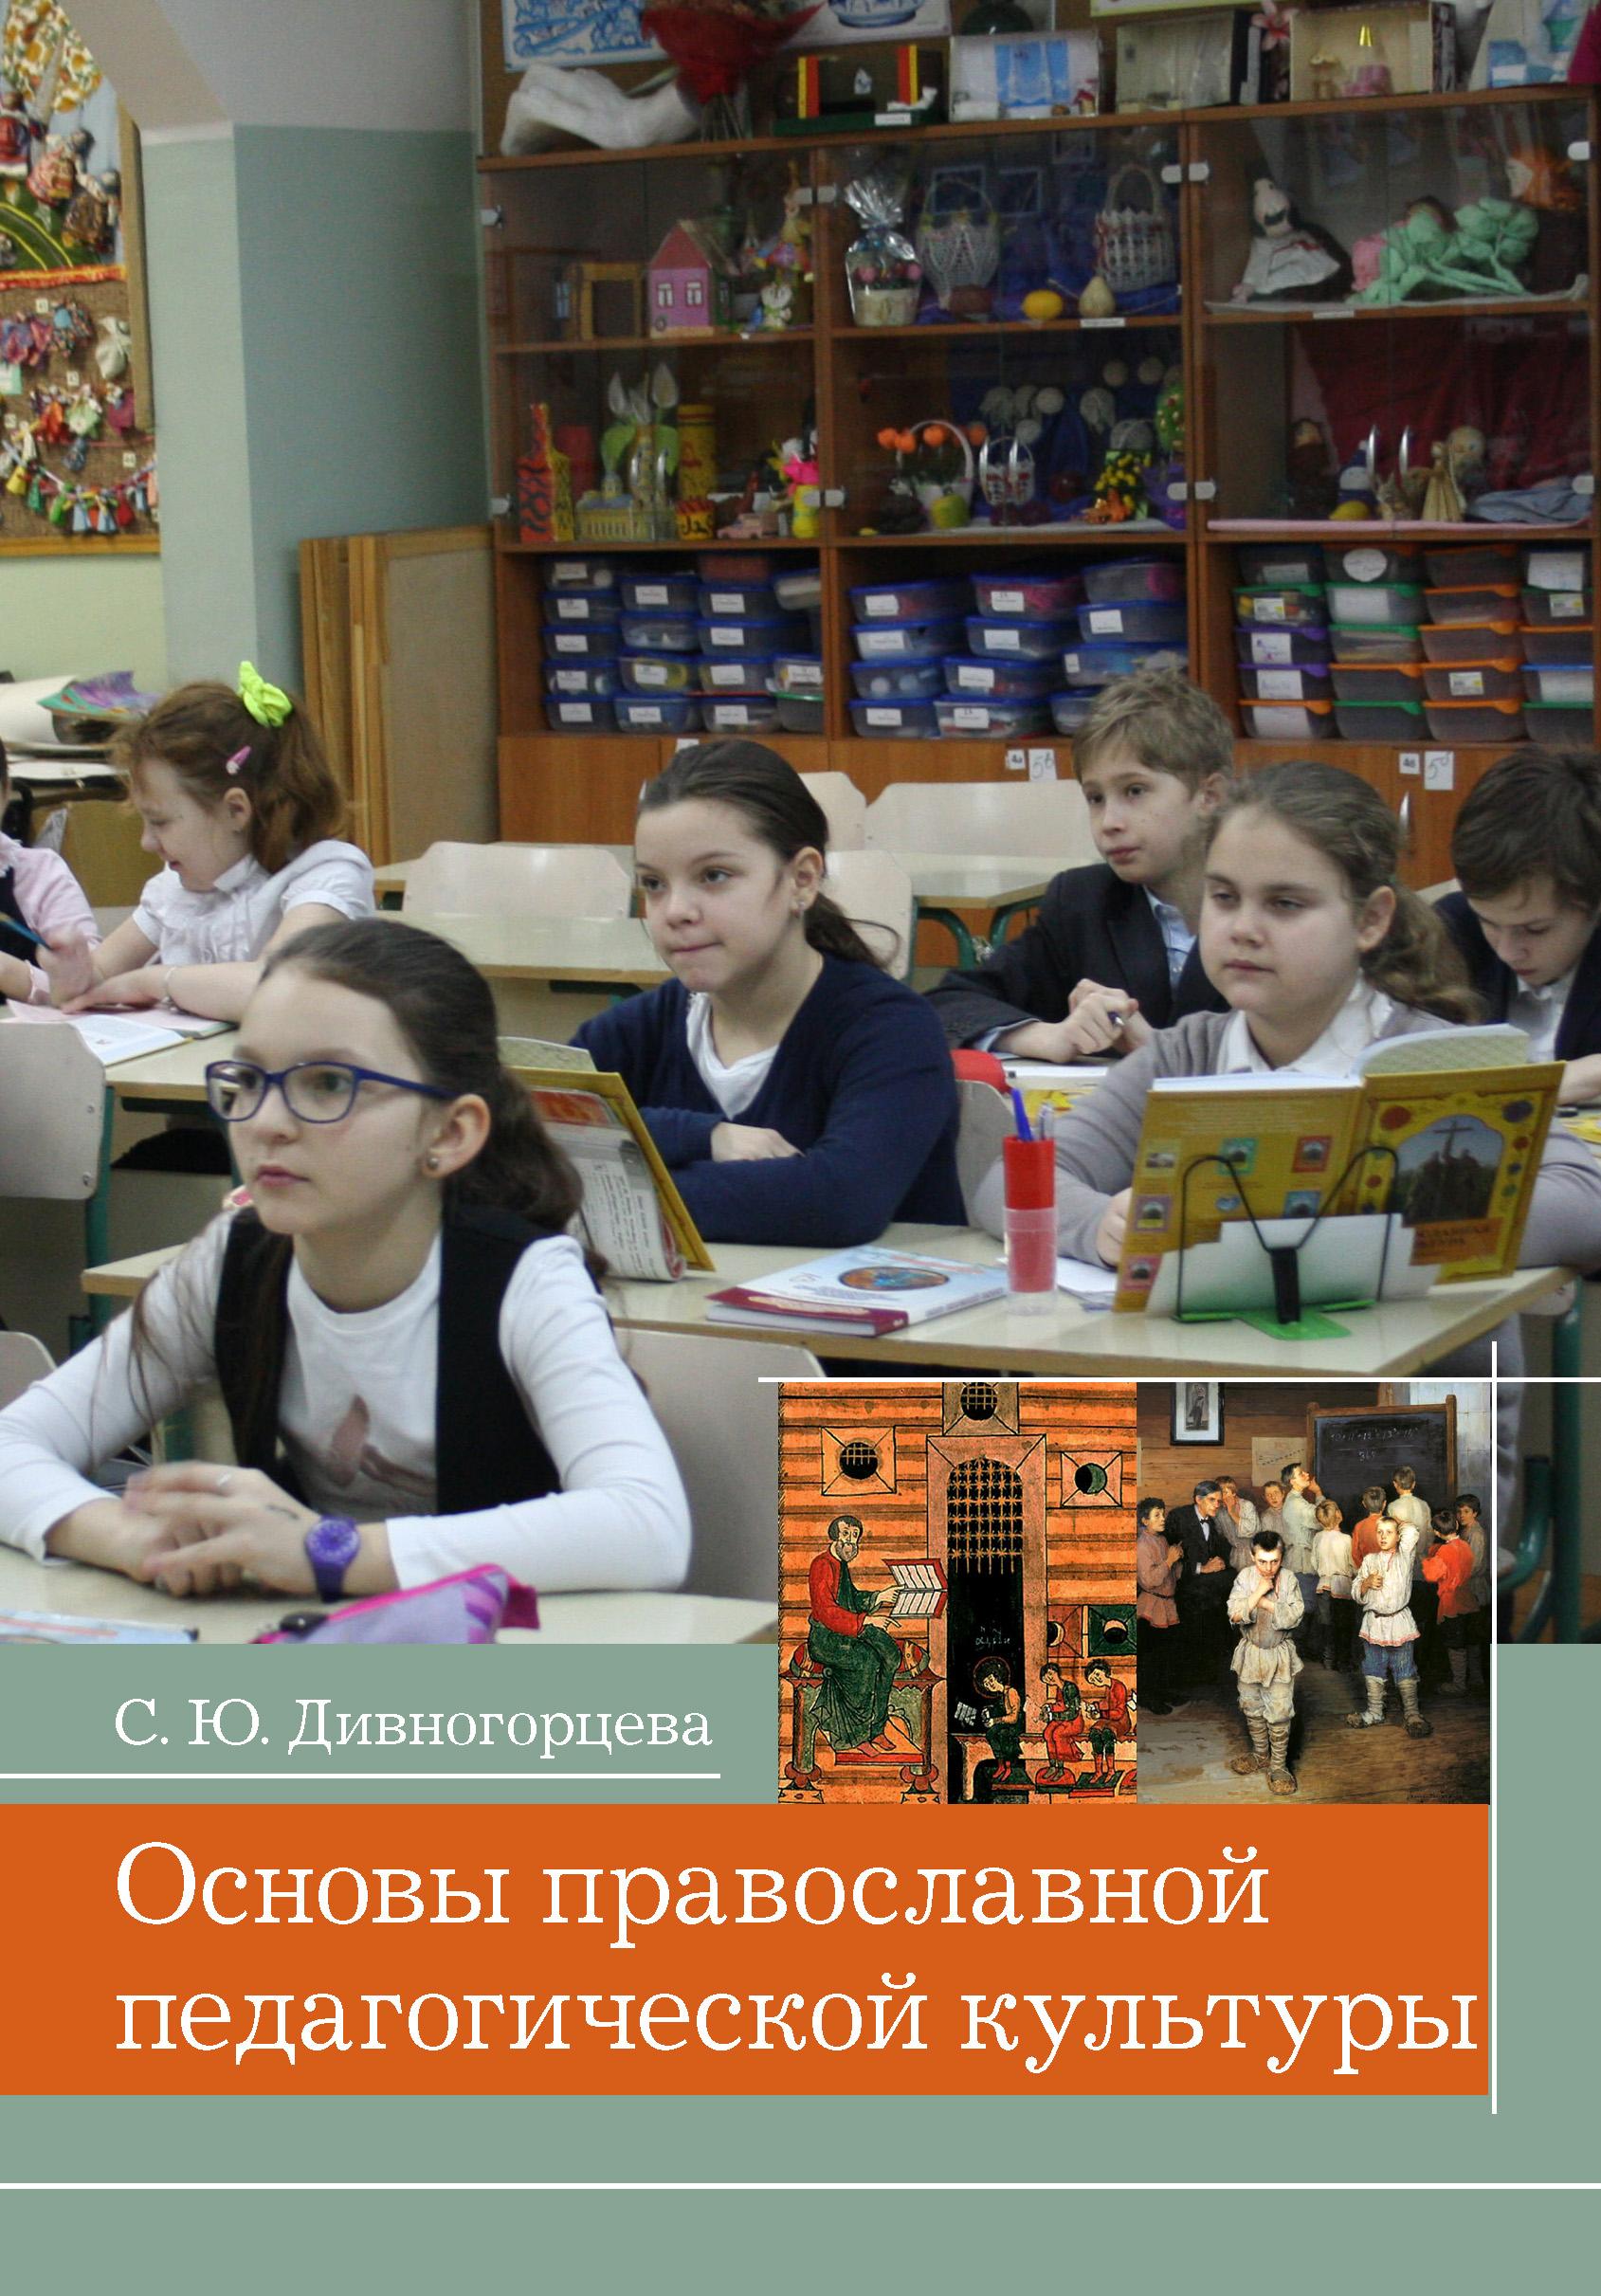 С. Ю. Дивногорцева Основы православной педагогической культуры